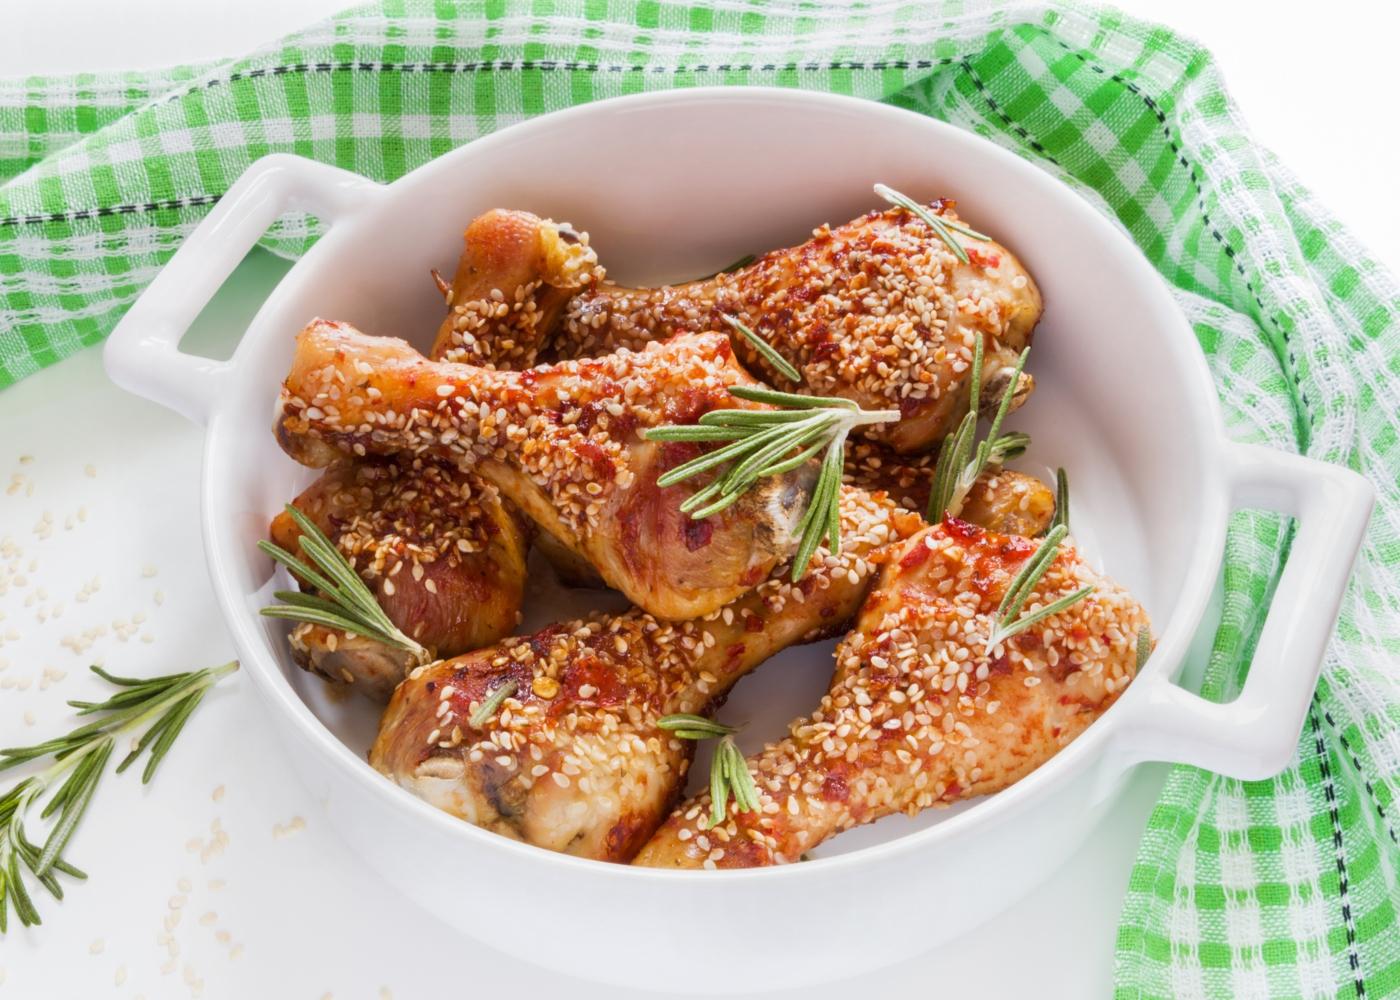 Coxas de frango panadas com sementes de sésamo